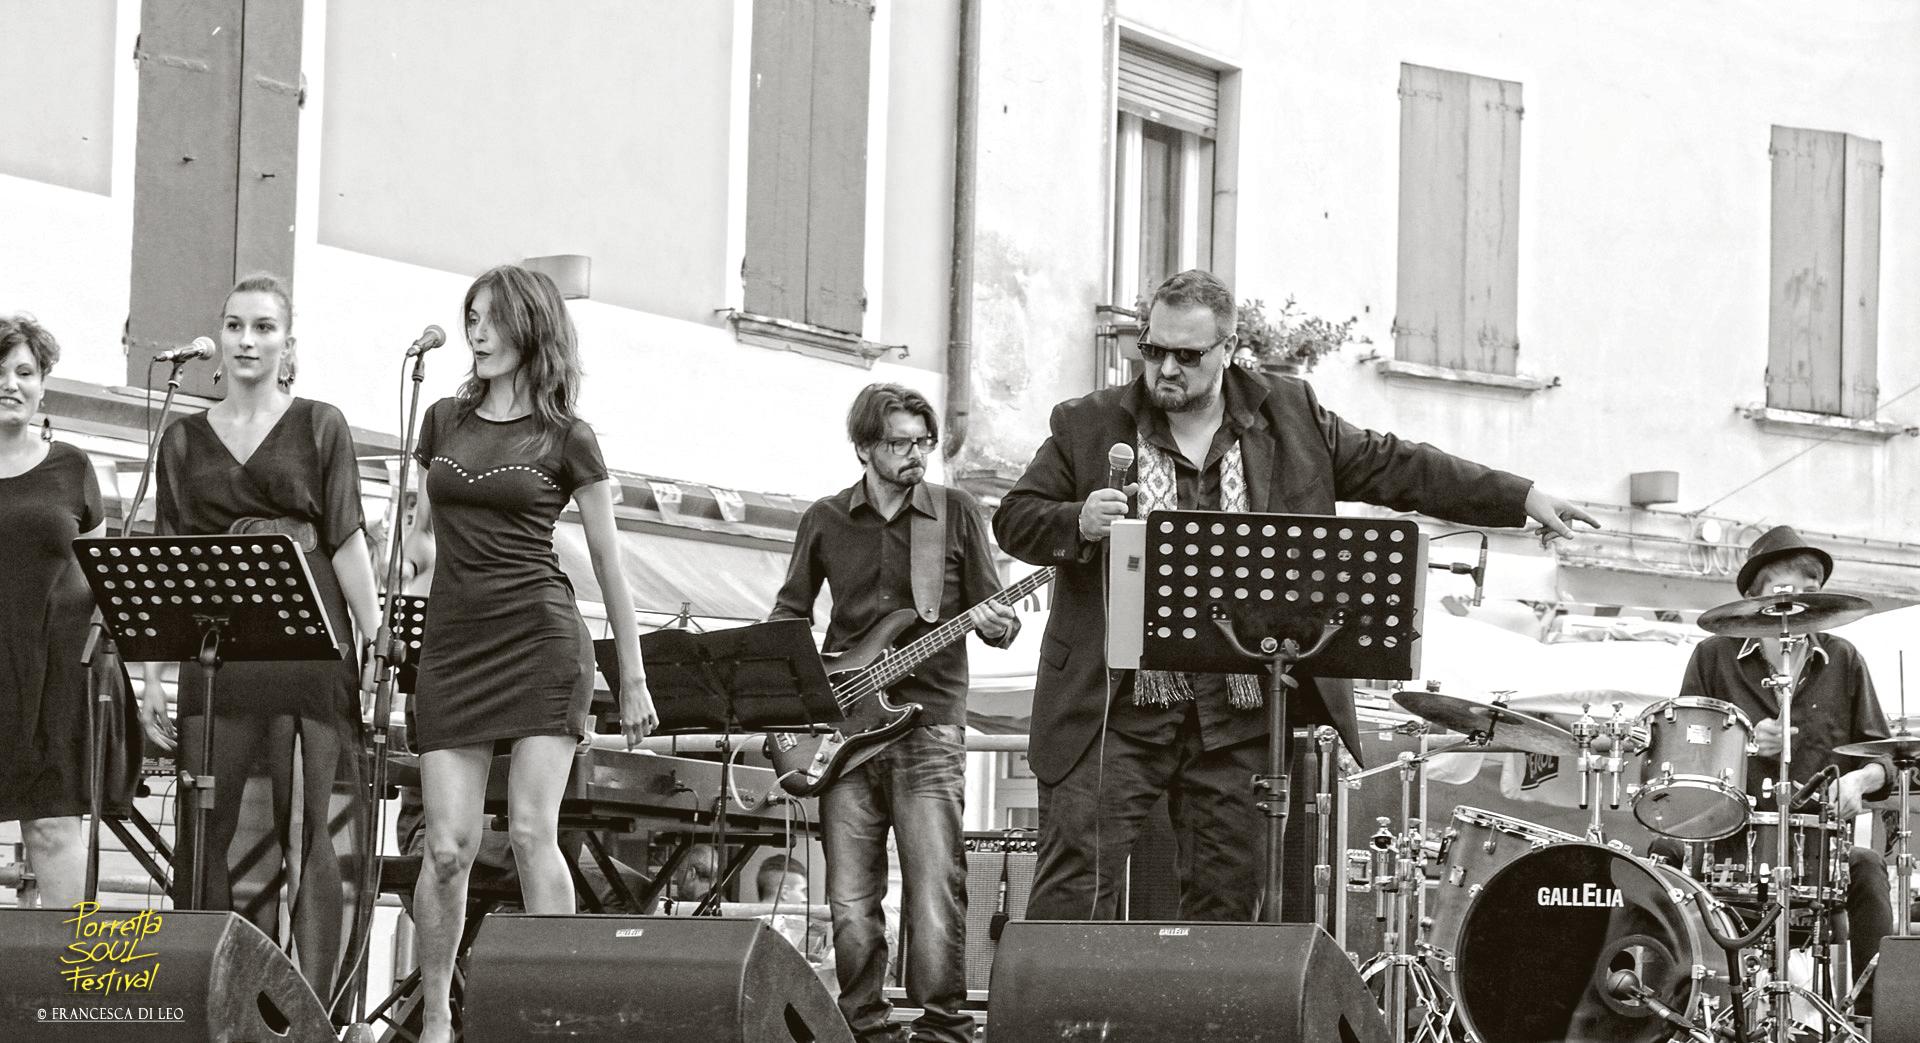 Clicca qui per seguire Luca Ronka al Porretta Soul Festival